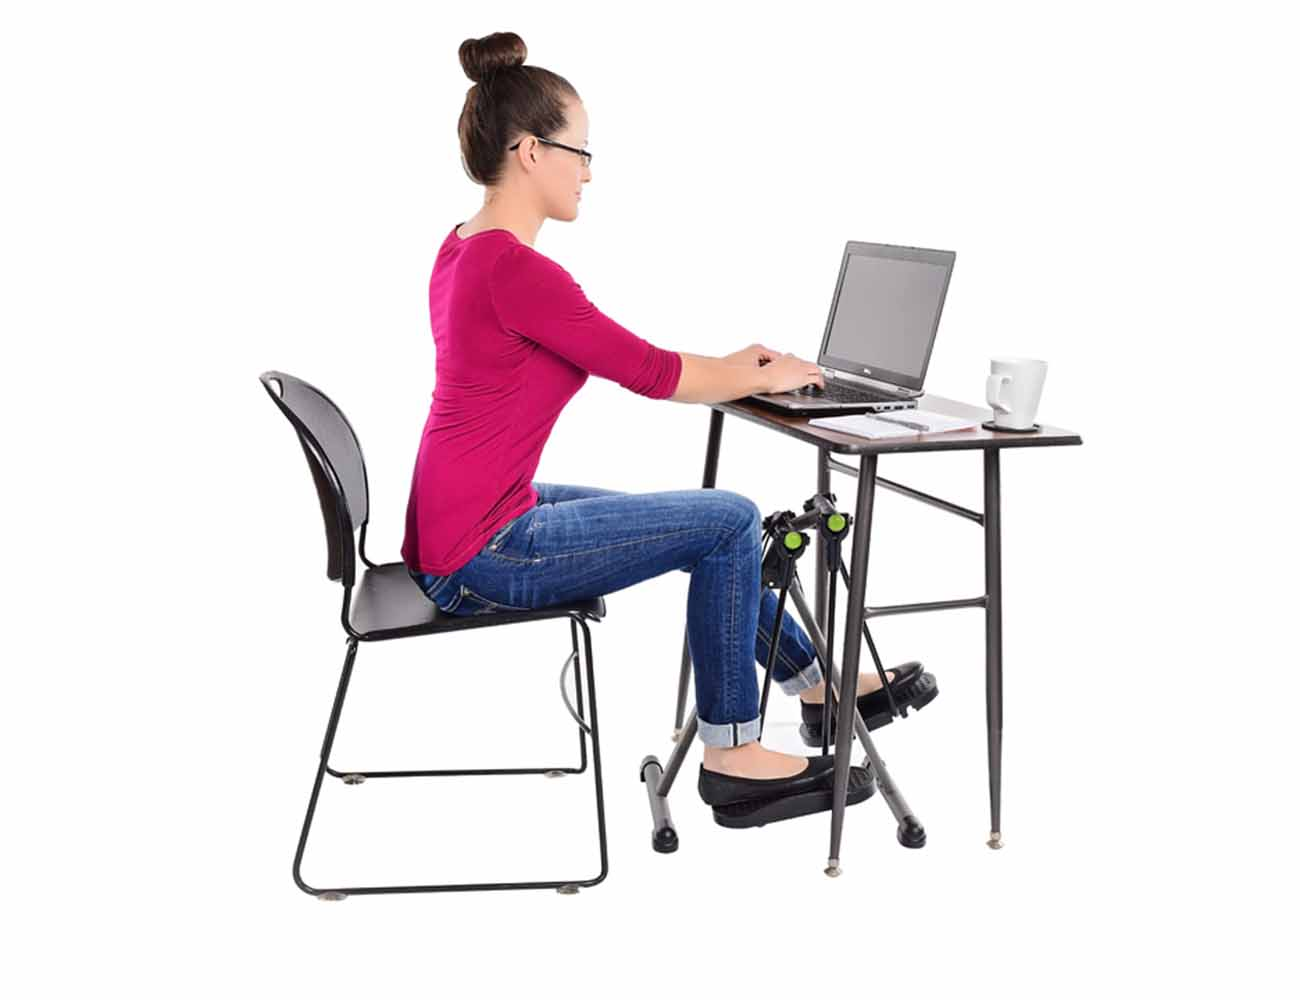 WIRK Orbit Under Desk Strider